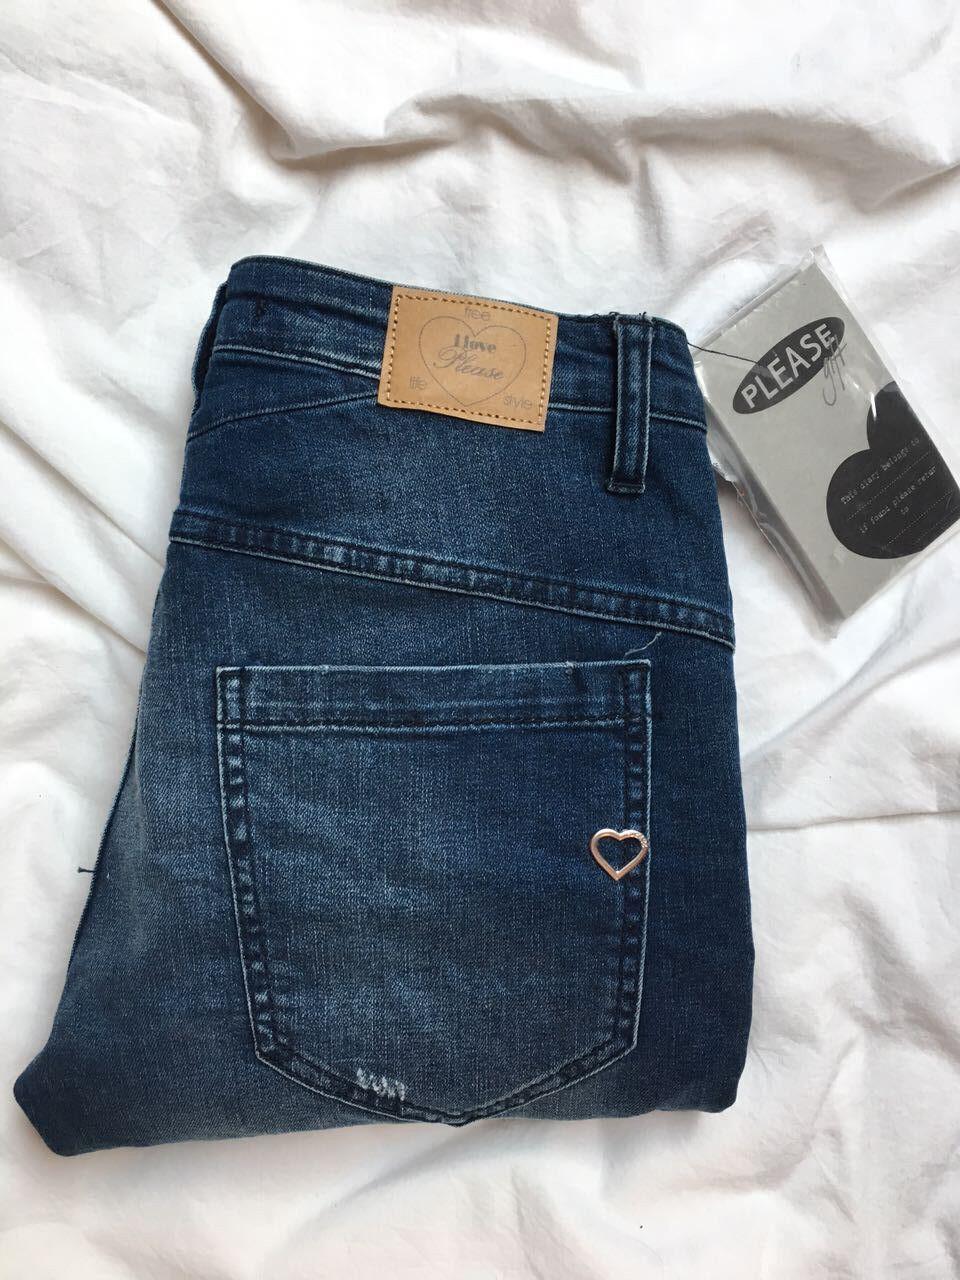 NEU PLEASE Jeans mit Etikett blau XS Hose inkl. Notizblock von Please